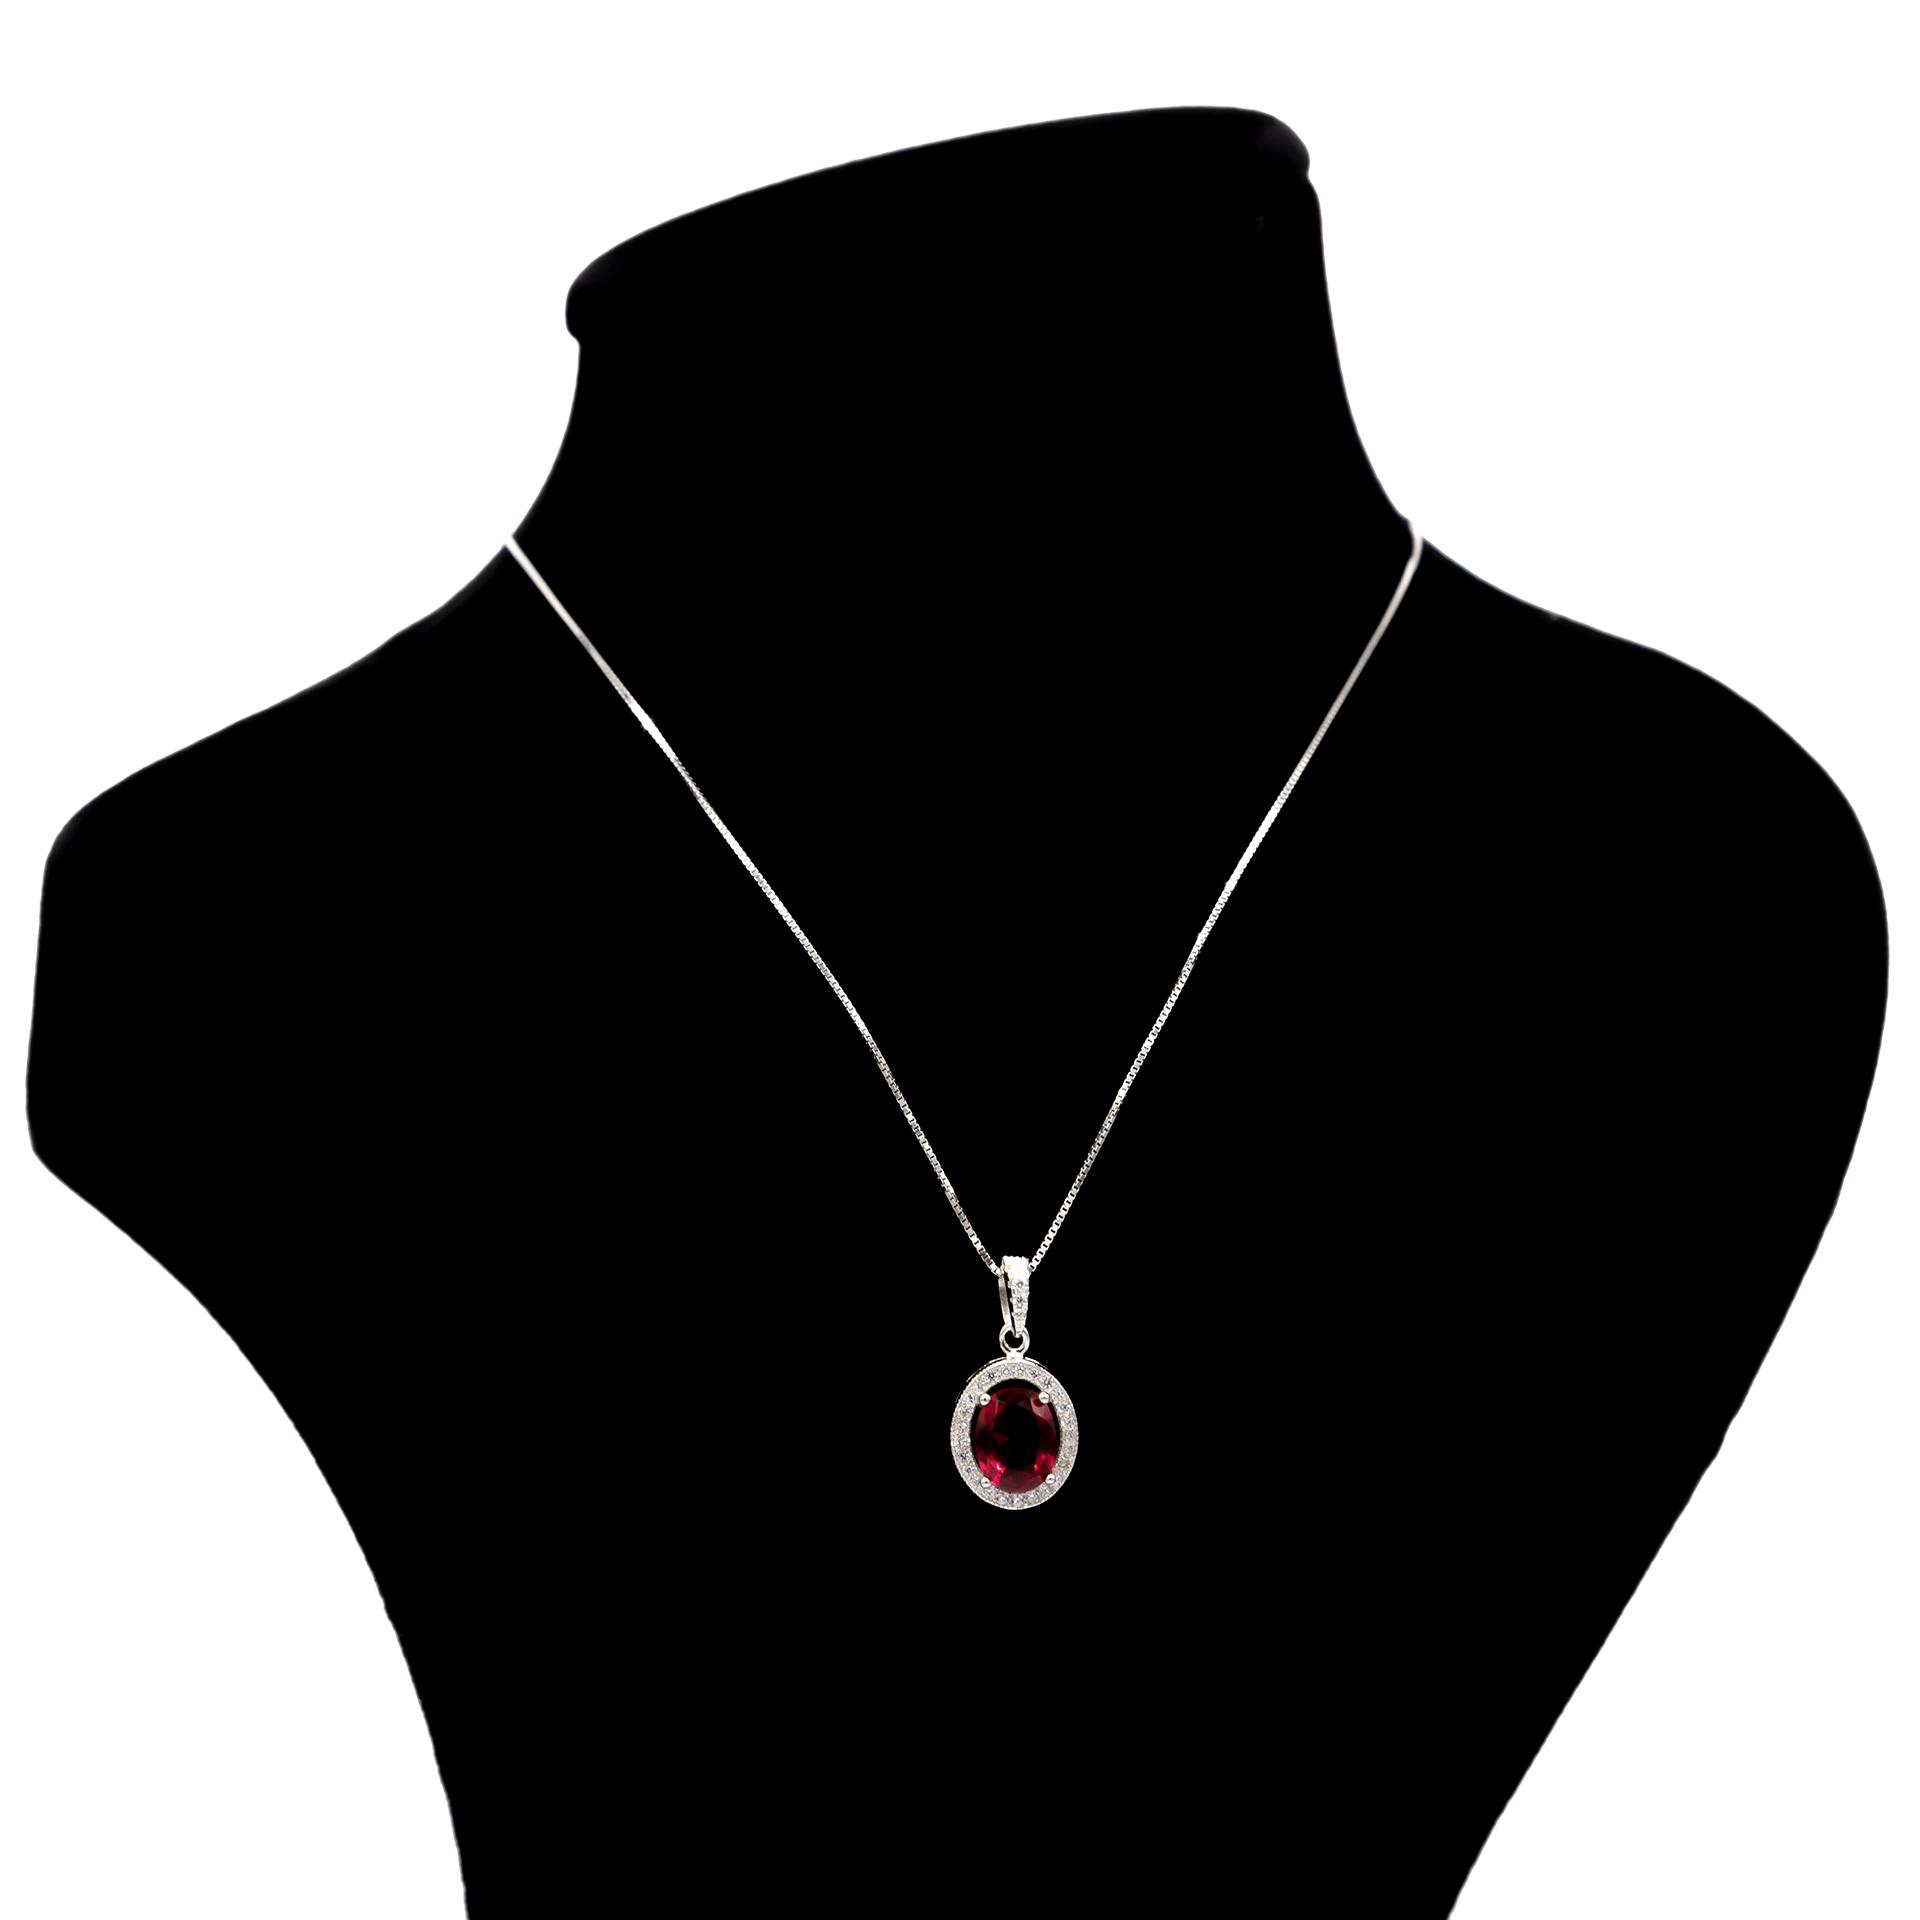 عکس گردنبند نقره بهارگالری مدل Oval Jewel کد 405015